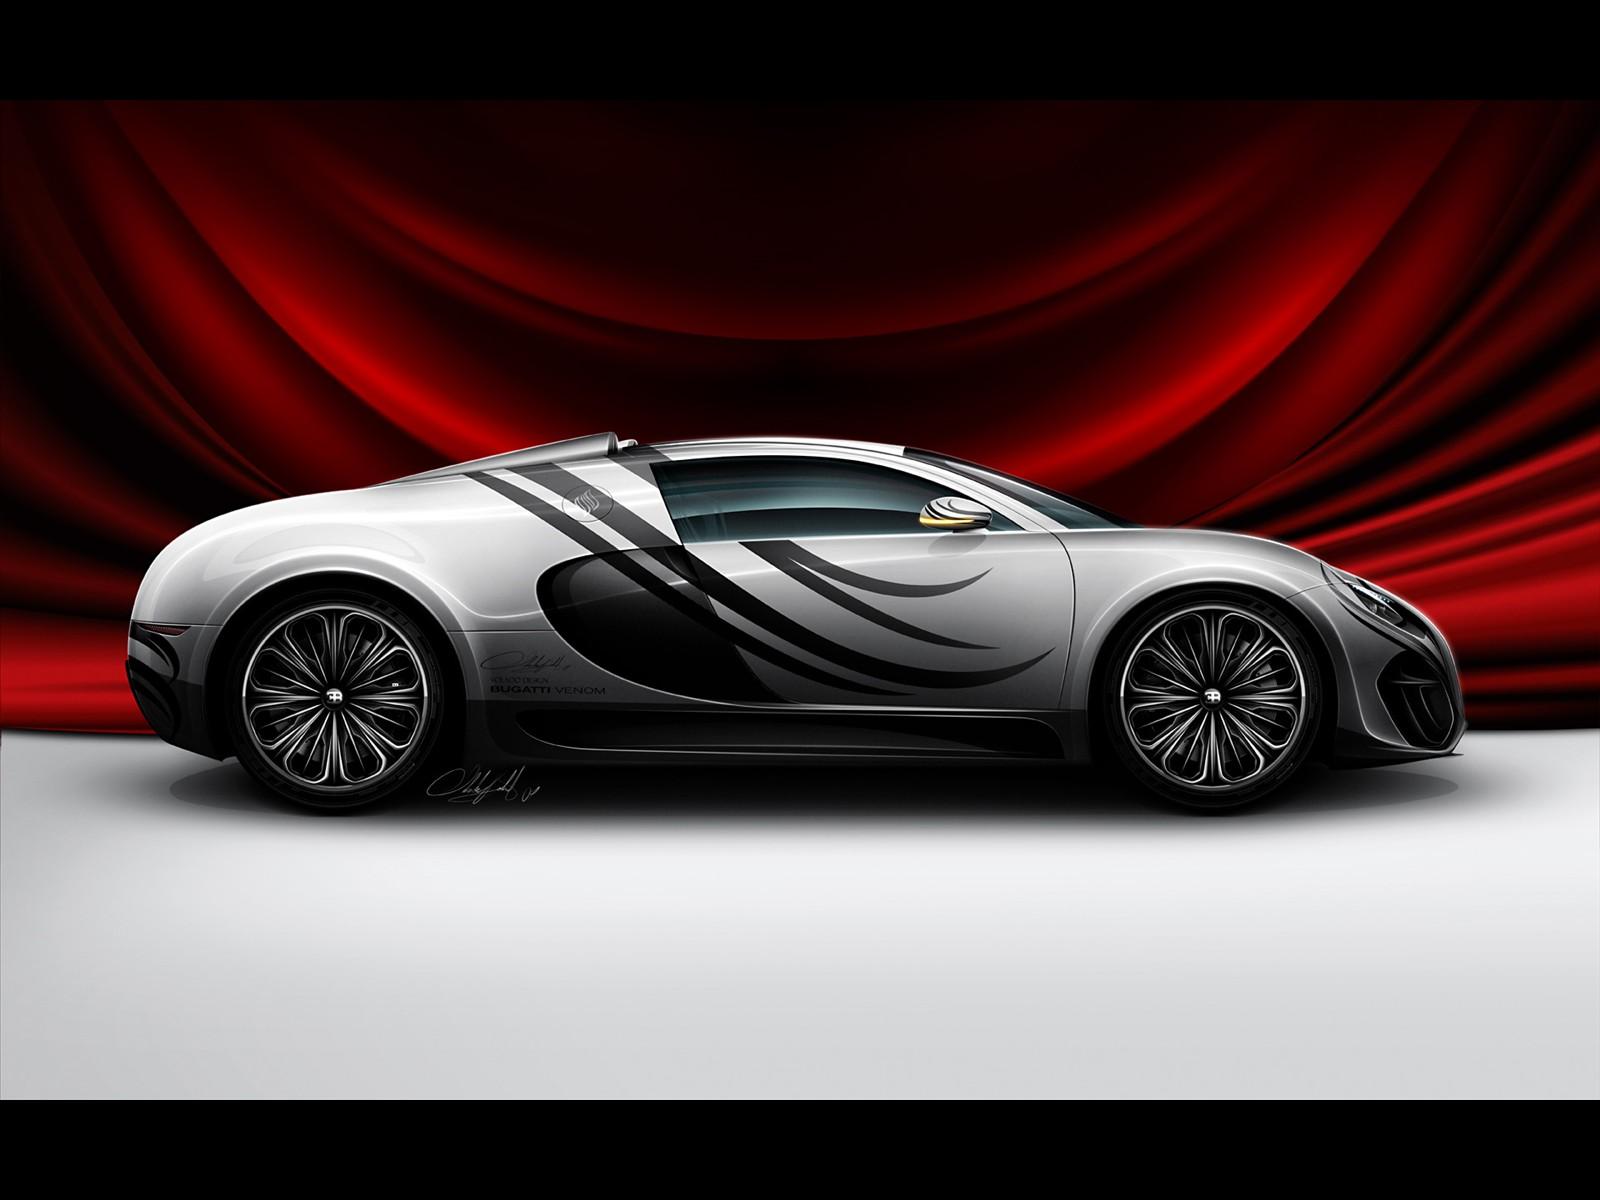 Free cars hd wallpapers bugatti venom concept car hd wall - Future cars hd wallpapers ...